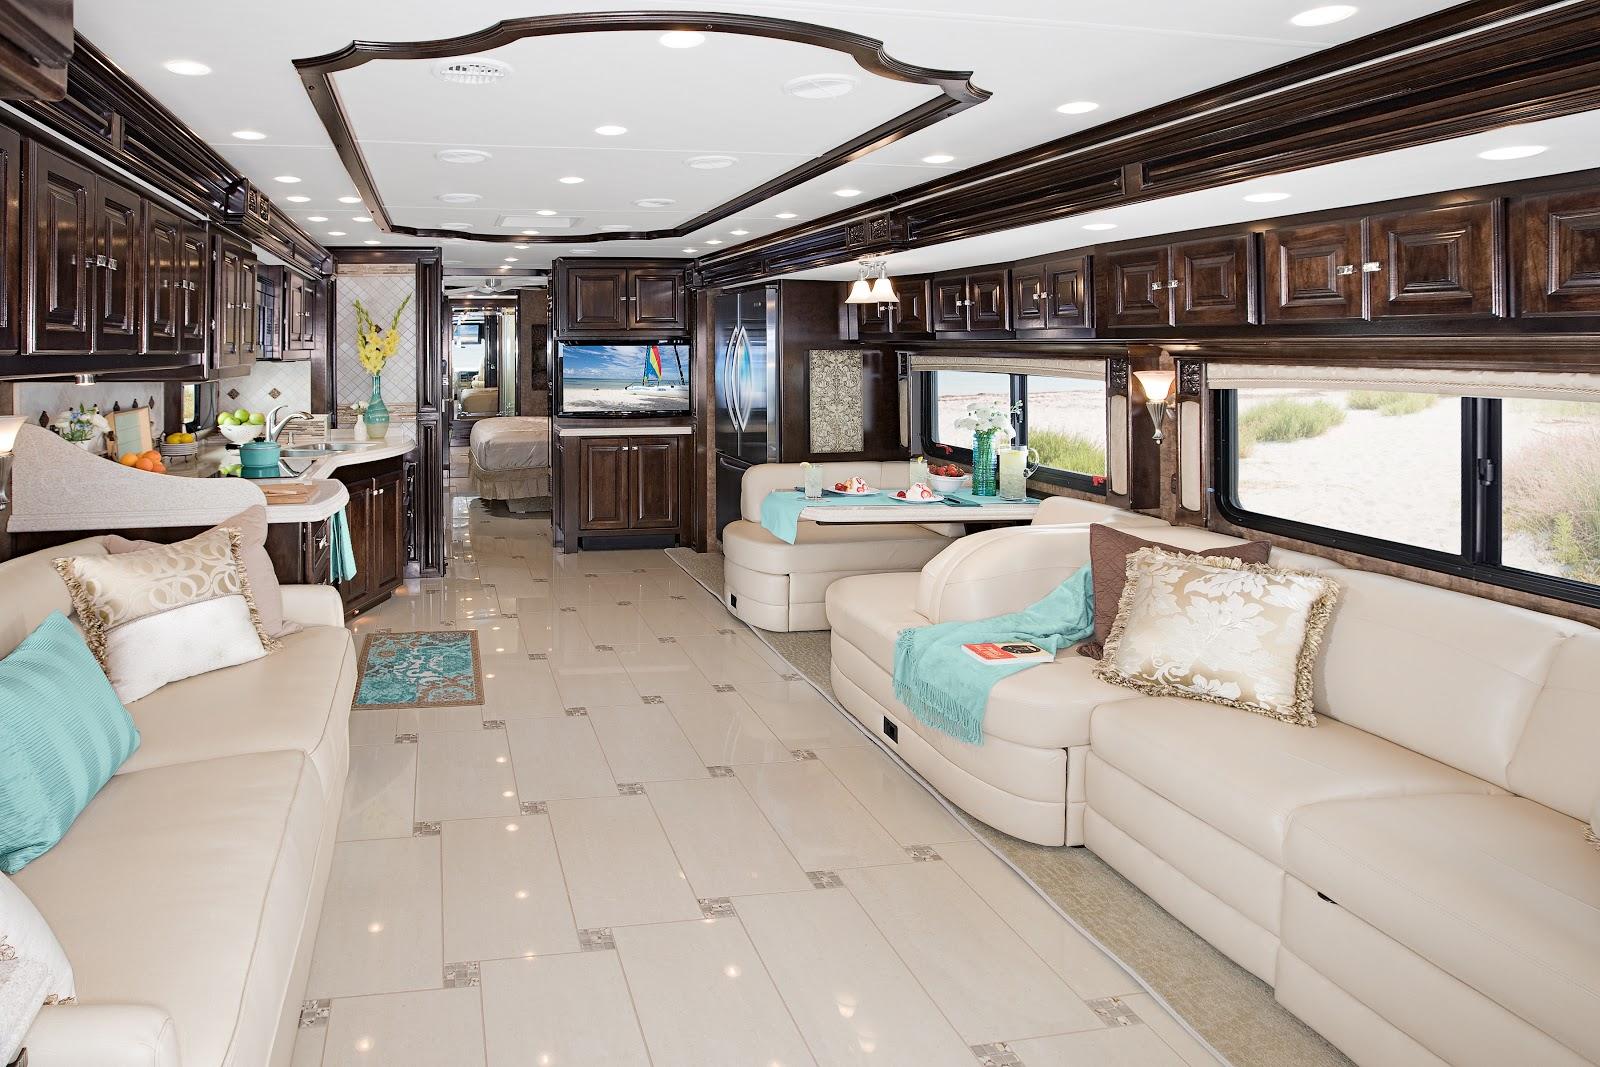 Luxury rv interior - Diesel Motorhomes